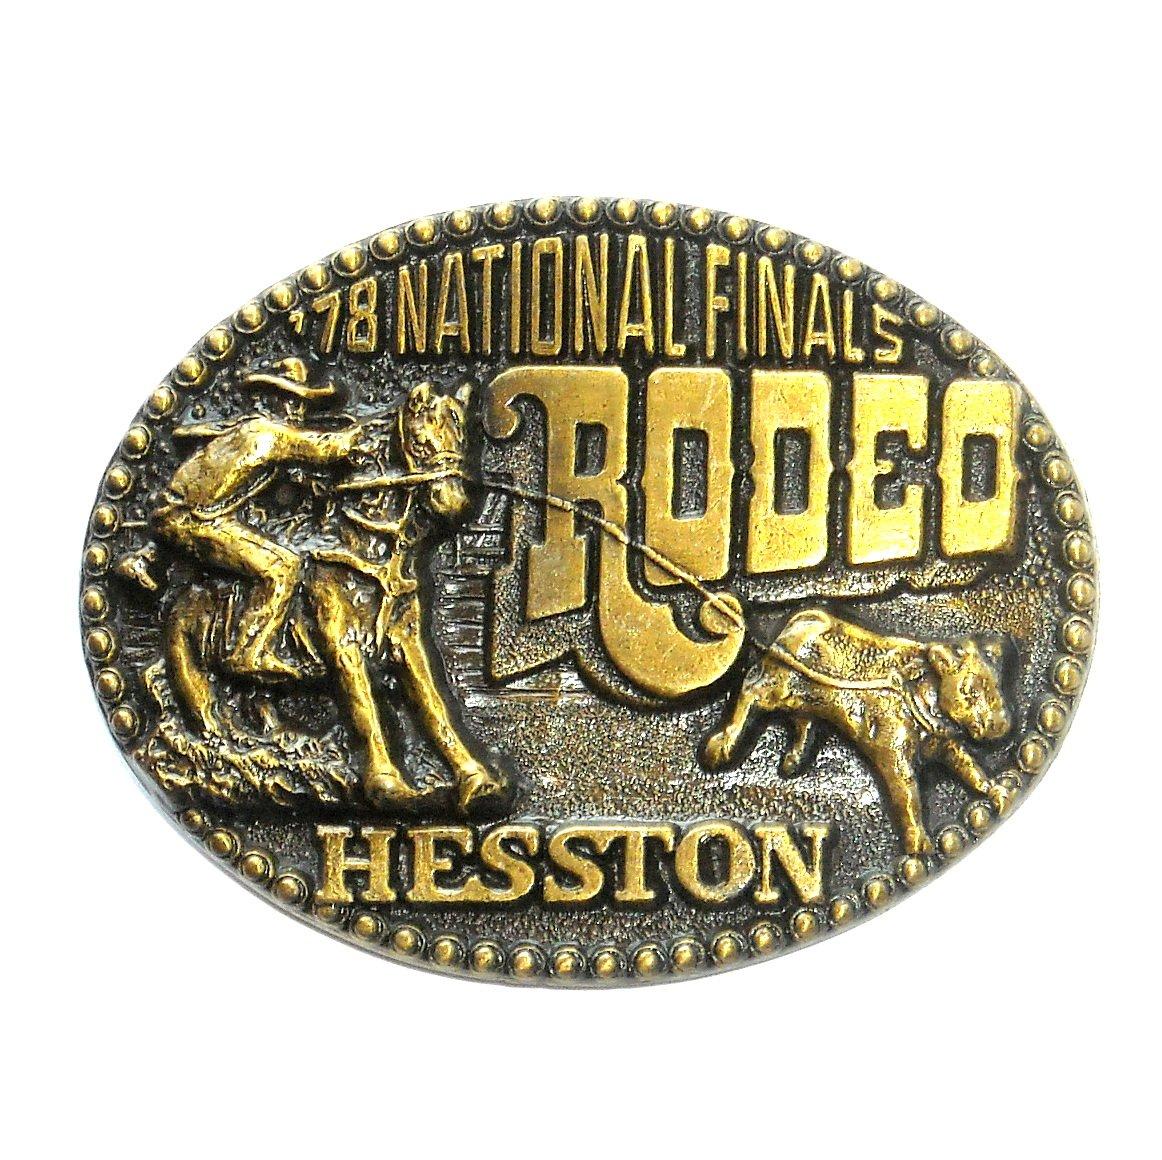 Hesston 1978 National Finals Rodeo 3D Brass Belt Buckle